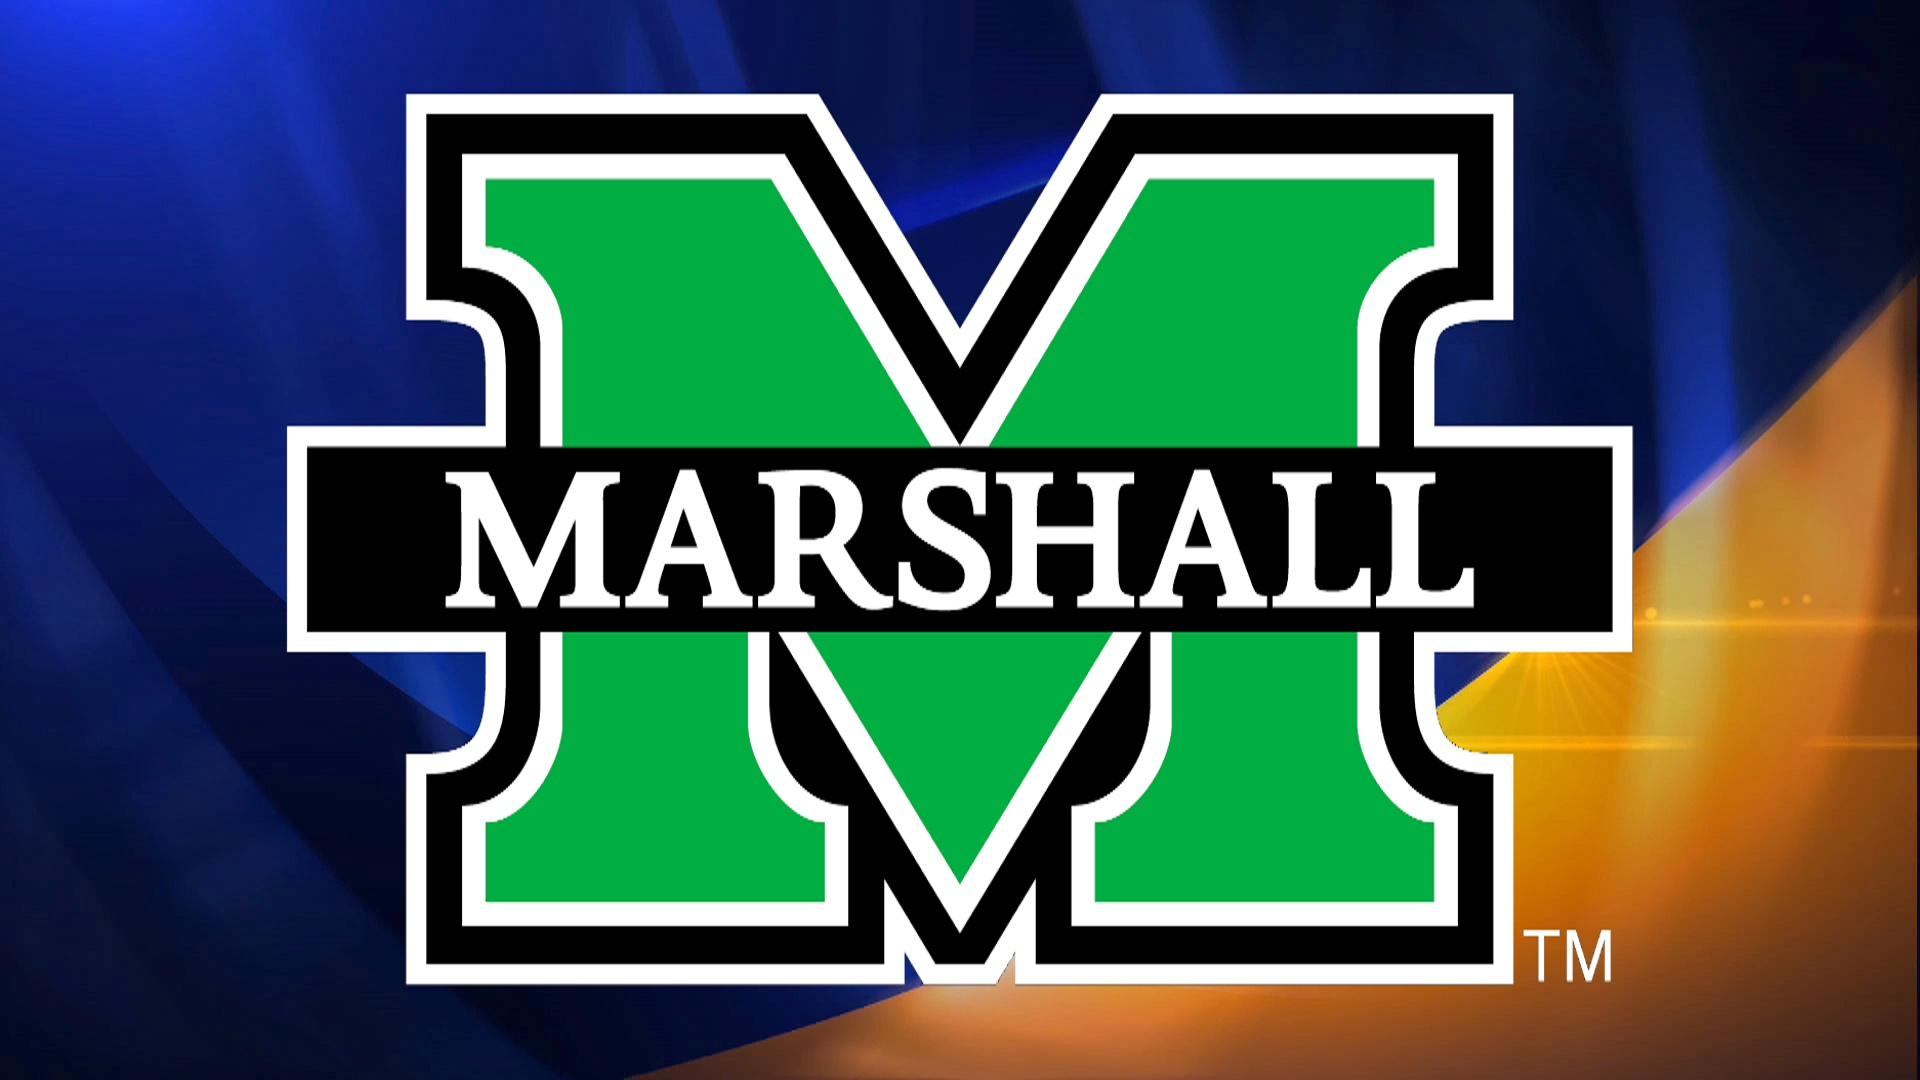 marshall logo_1514928500926.jpg.jpg